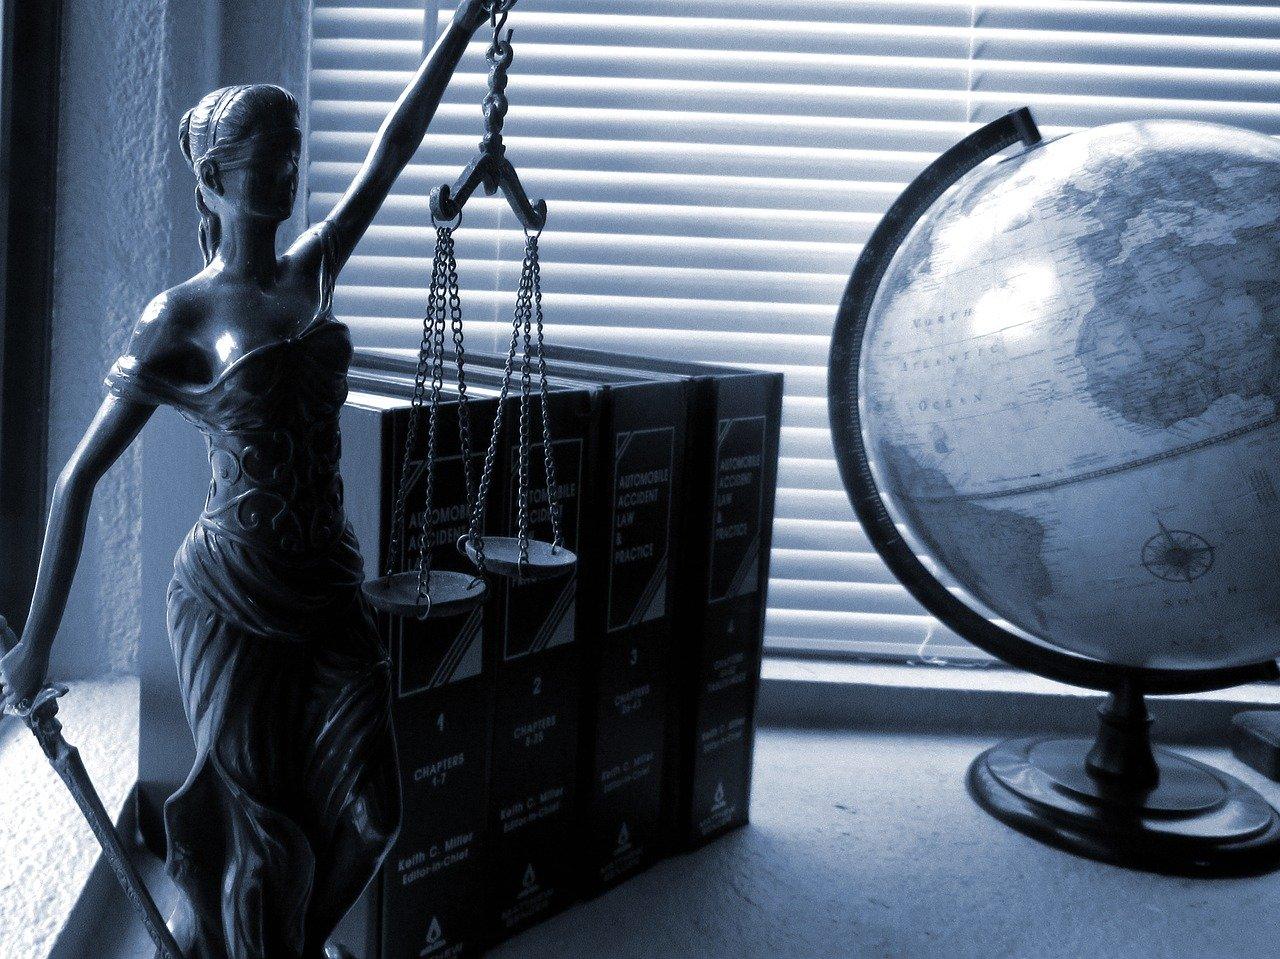 עורך דין לענייני צוואה בכפר סבא